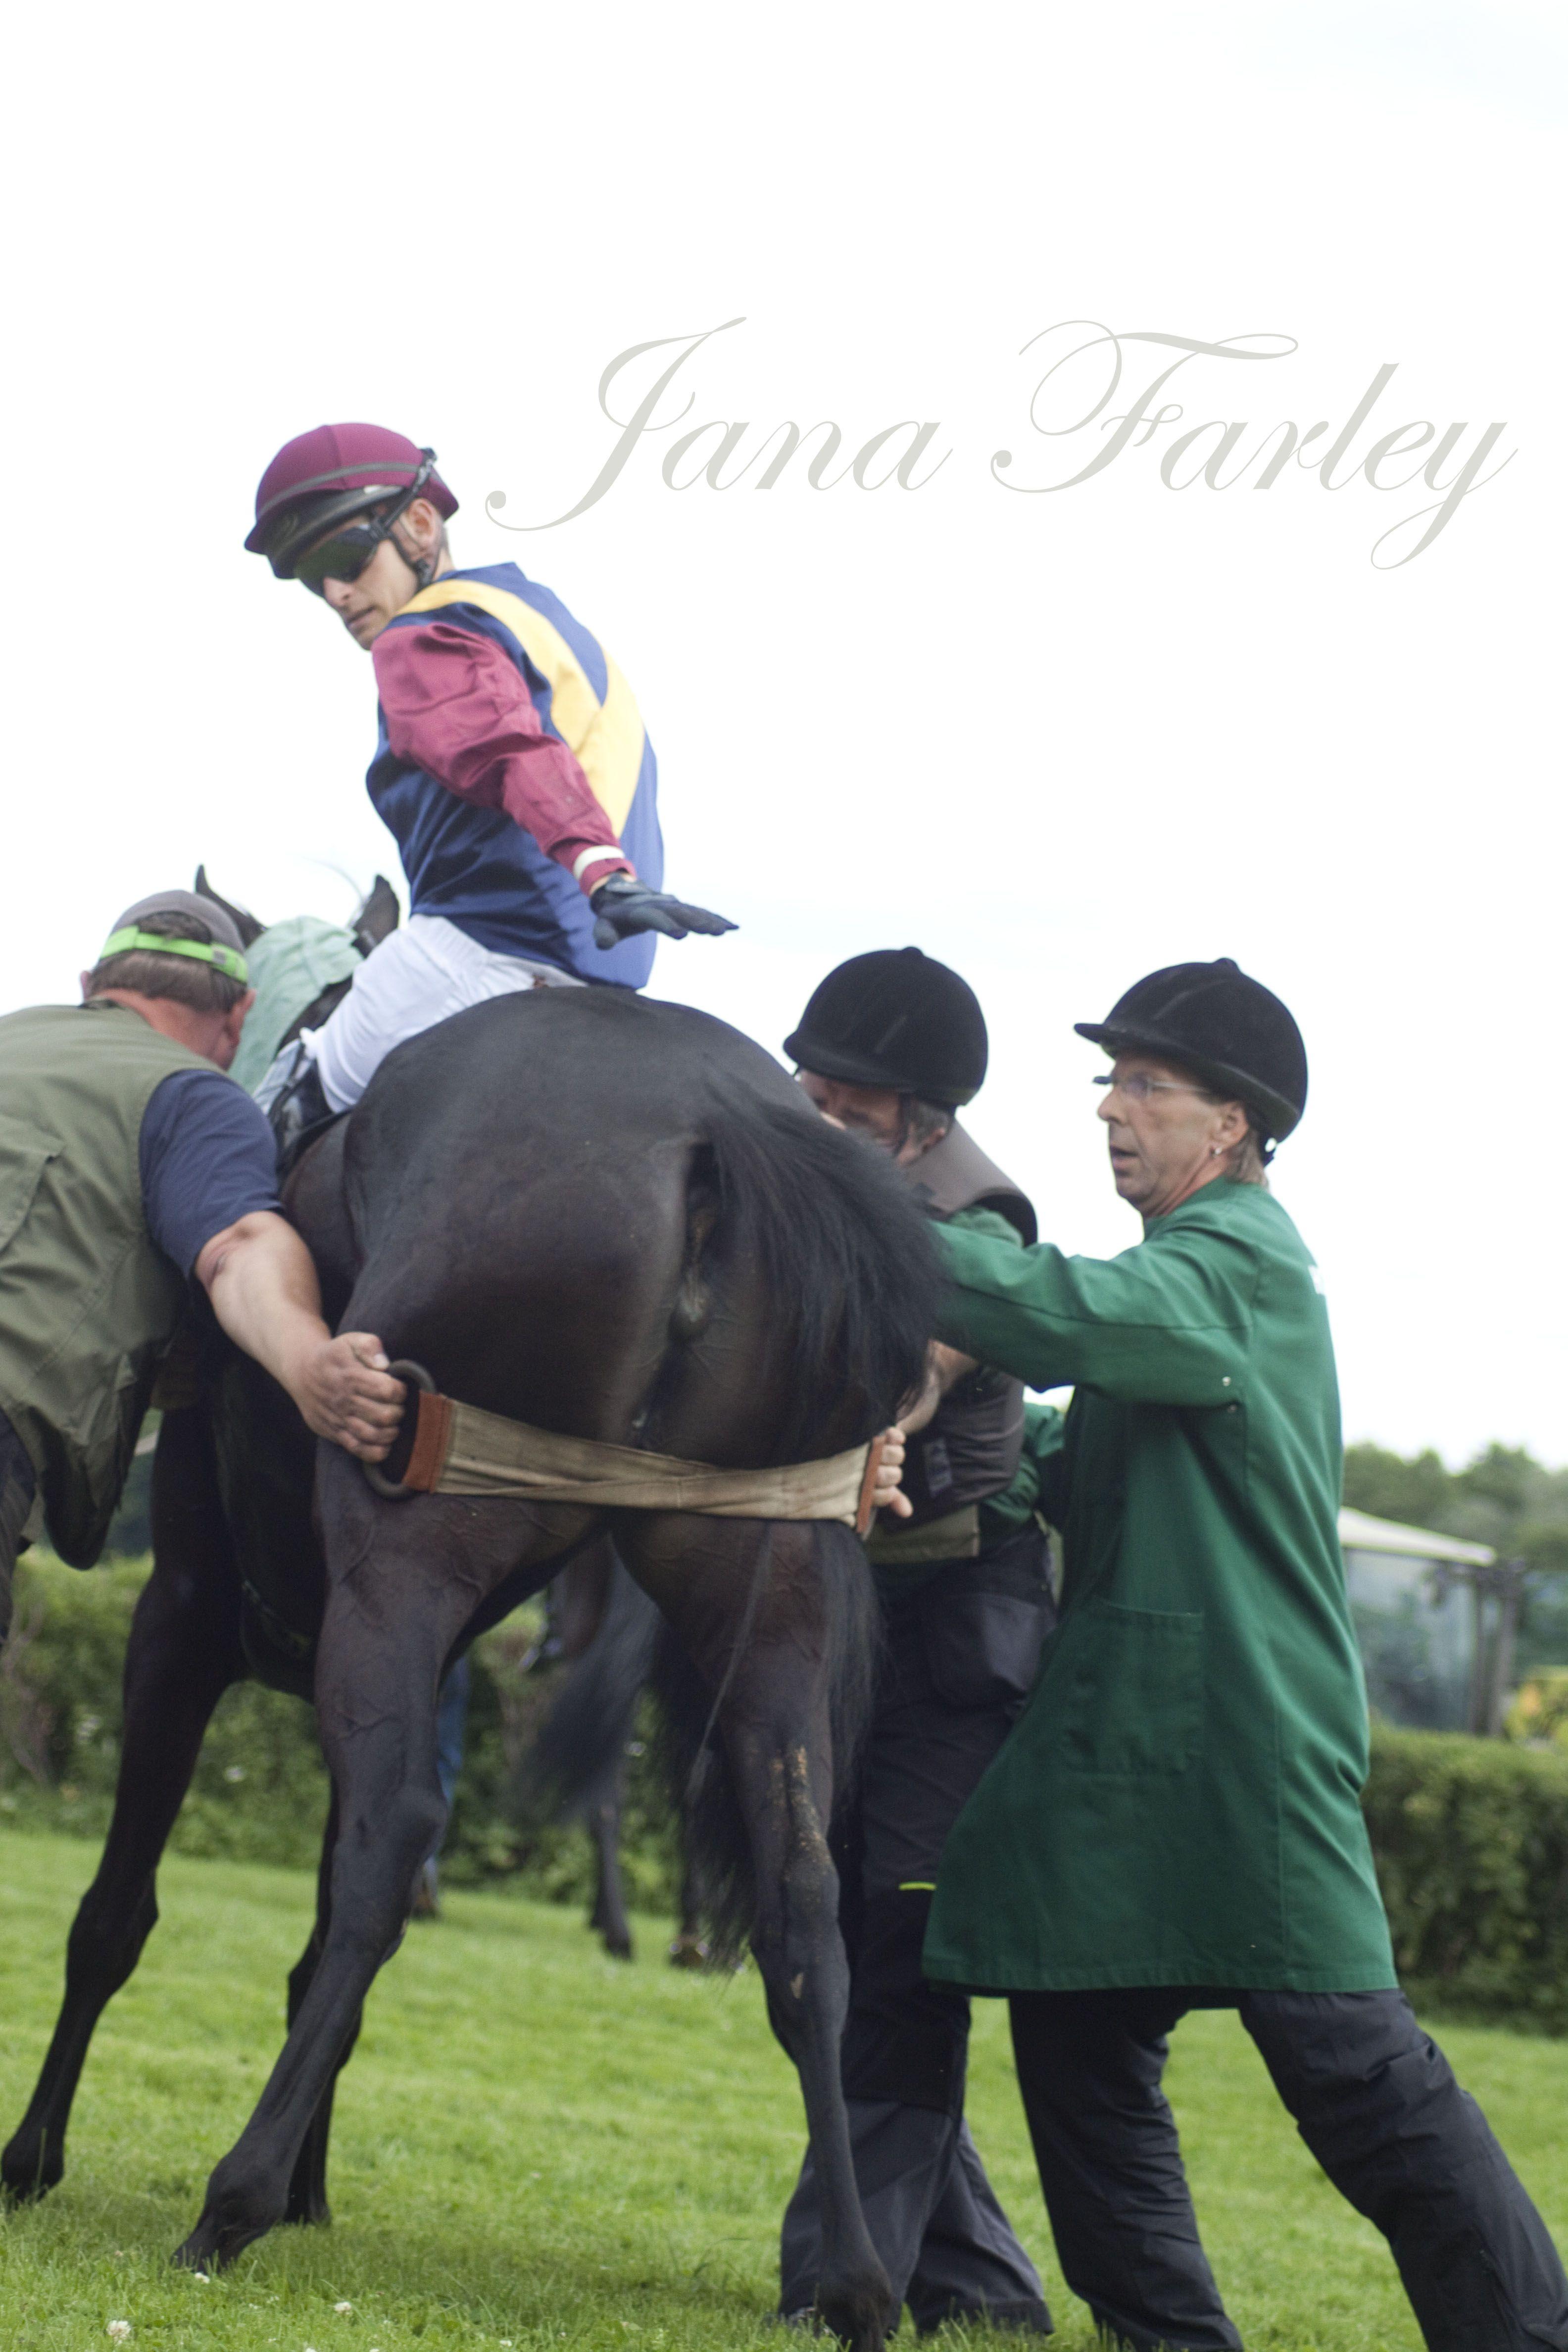 #horseracing #horse #race #berlinfotografin